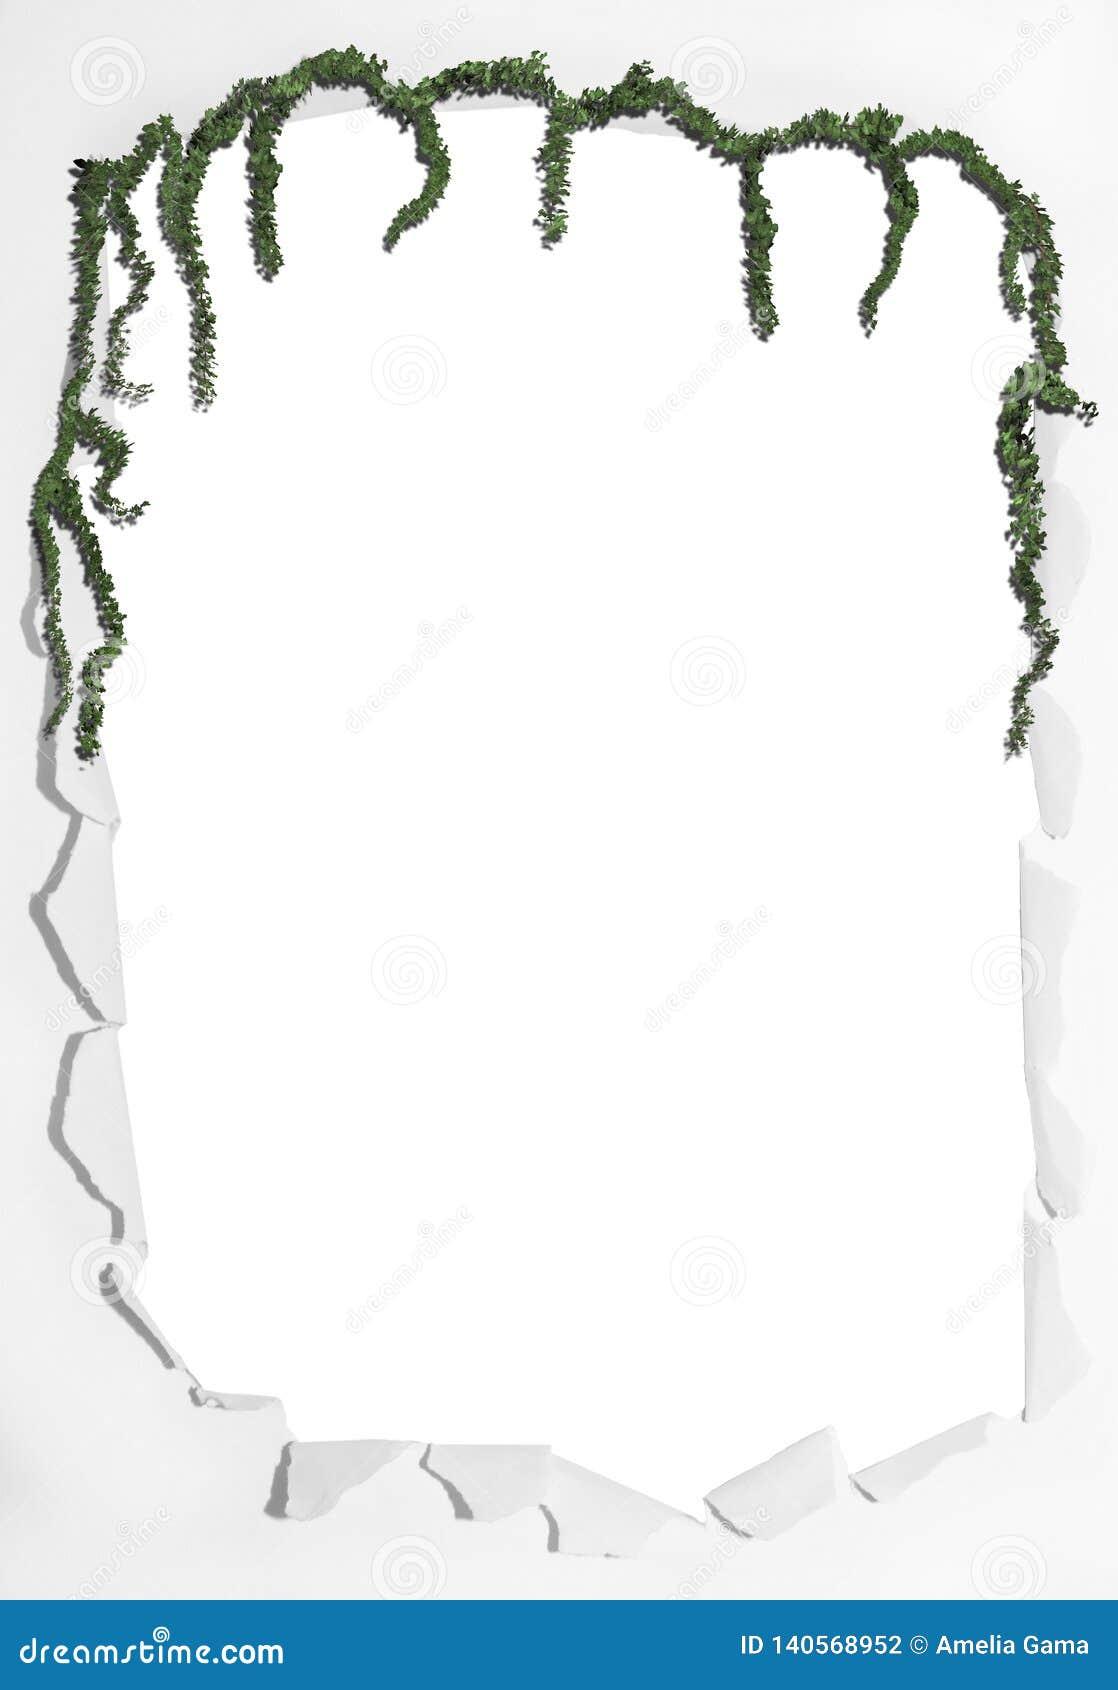 Fotografía real del marco con formato del png